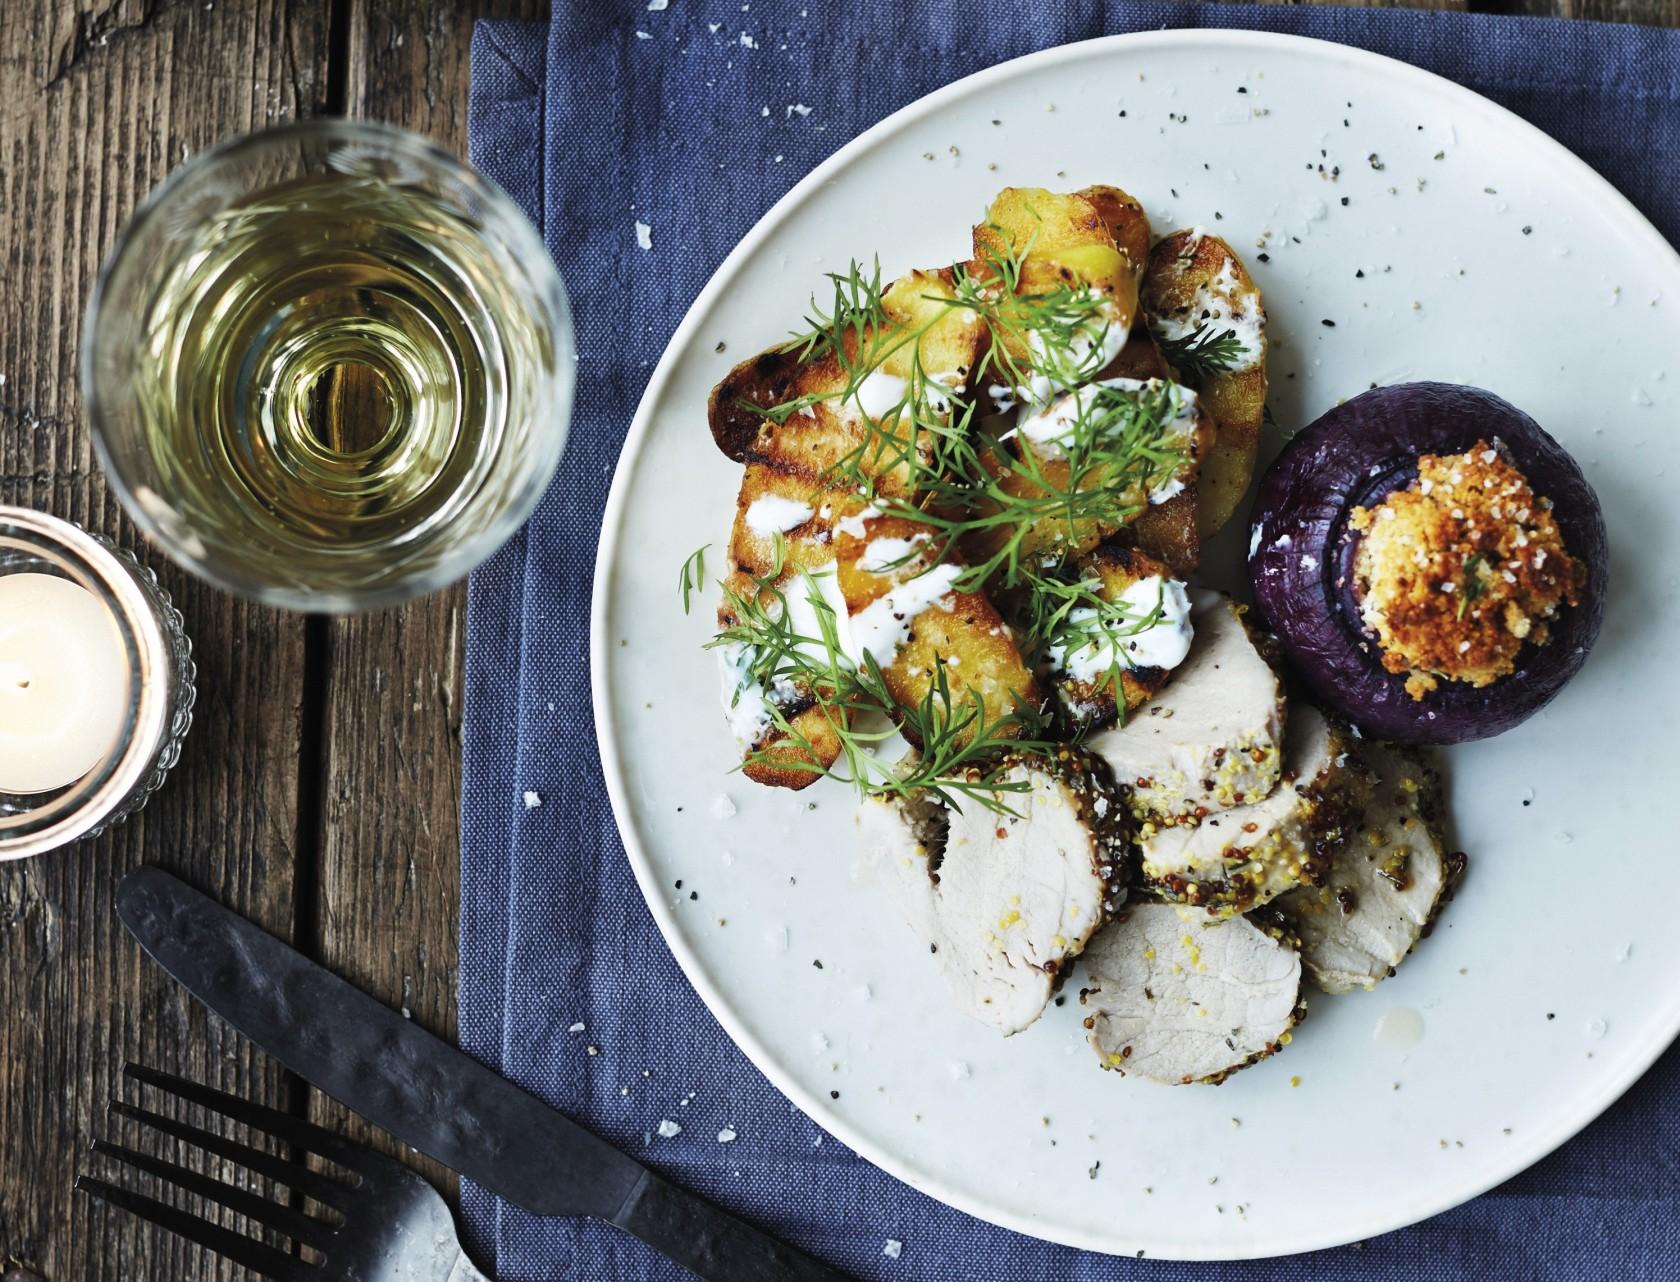 Svinemørbrad med grillede kartofler